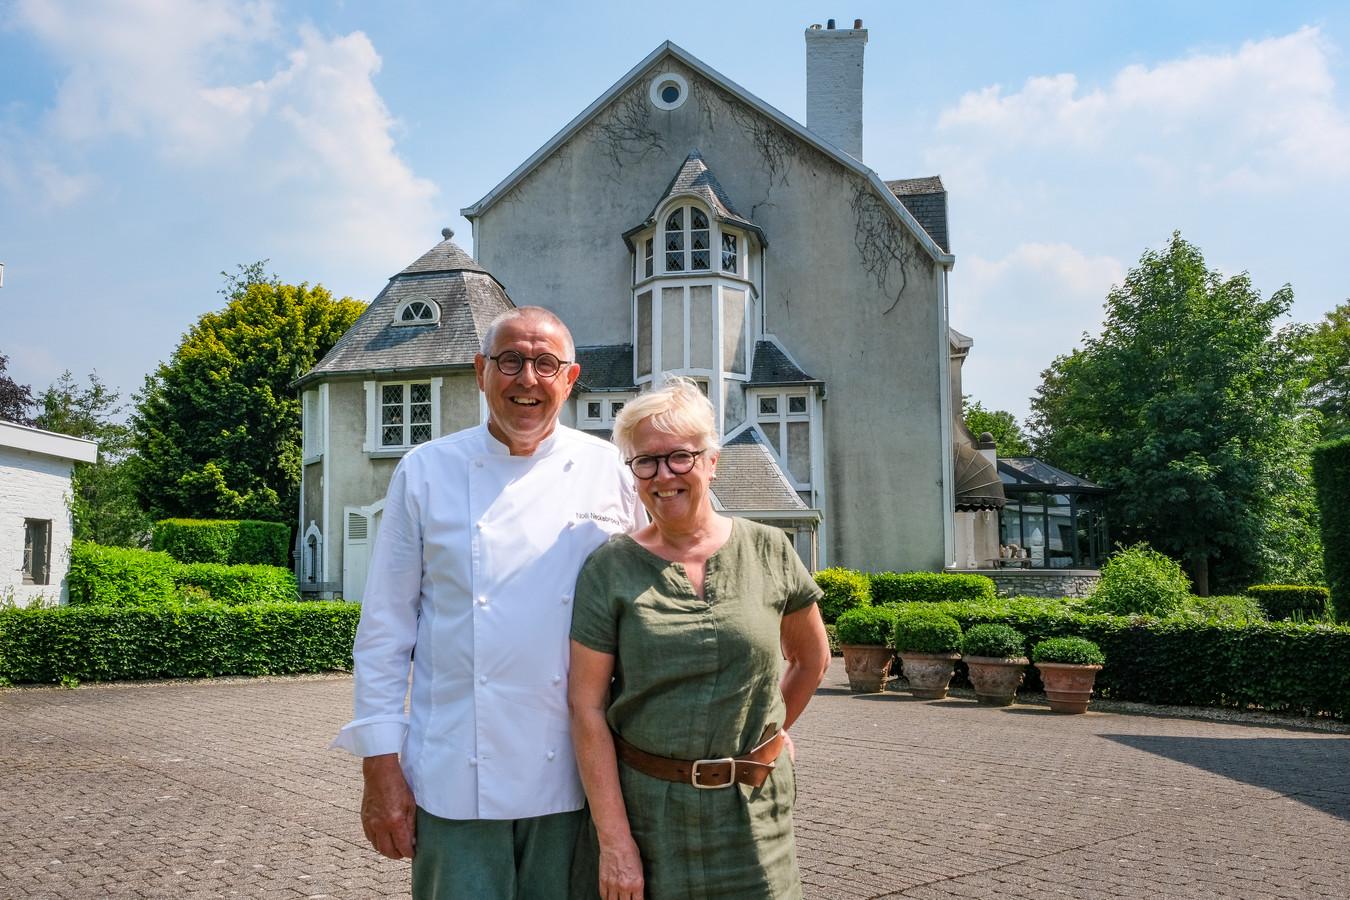 Noël Neckebroeck en zijn vrouw Rita nemen eind juni afscheid van hun restaurant Kasteel Diependael.